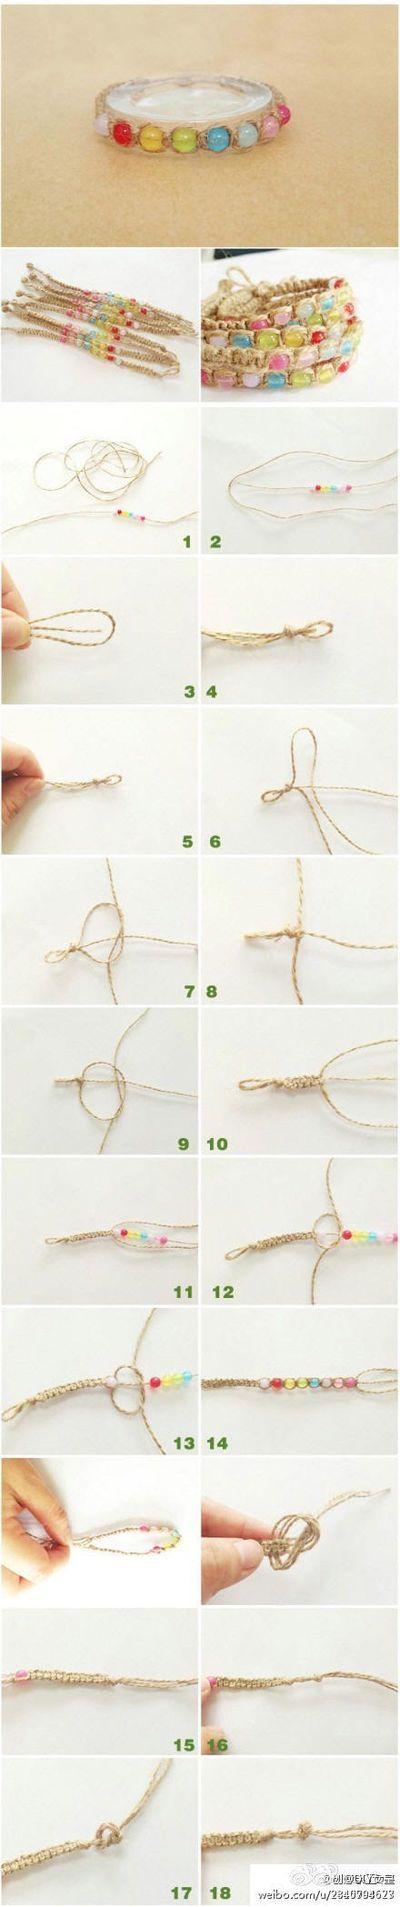 手工麻绳彩珠手链,动手给自己编一条吧~☑推荐关注@DIY女皇 - 堆糖 发现生活_收集美好_分享图片